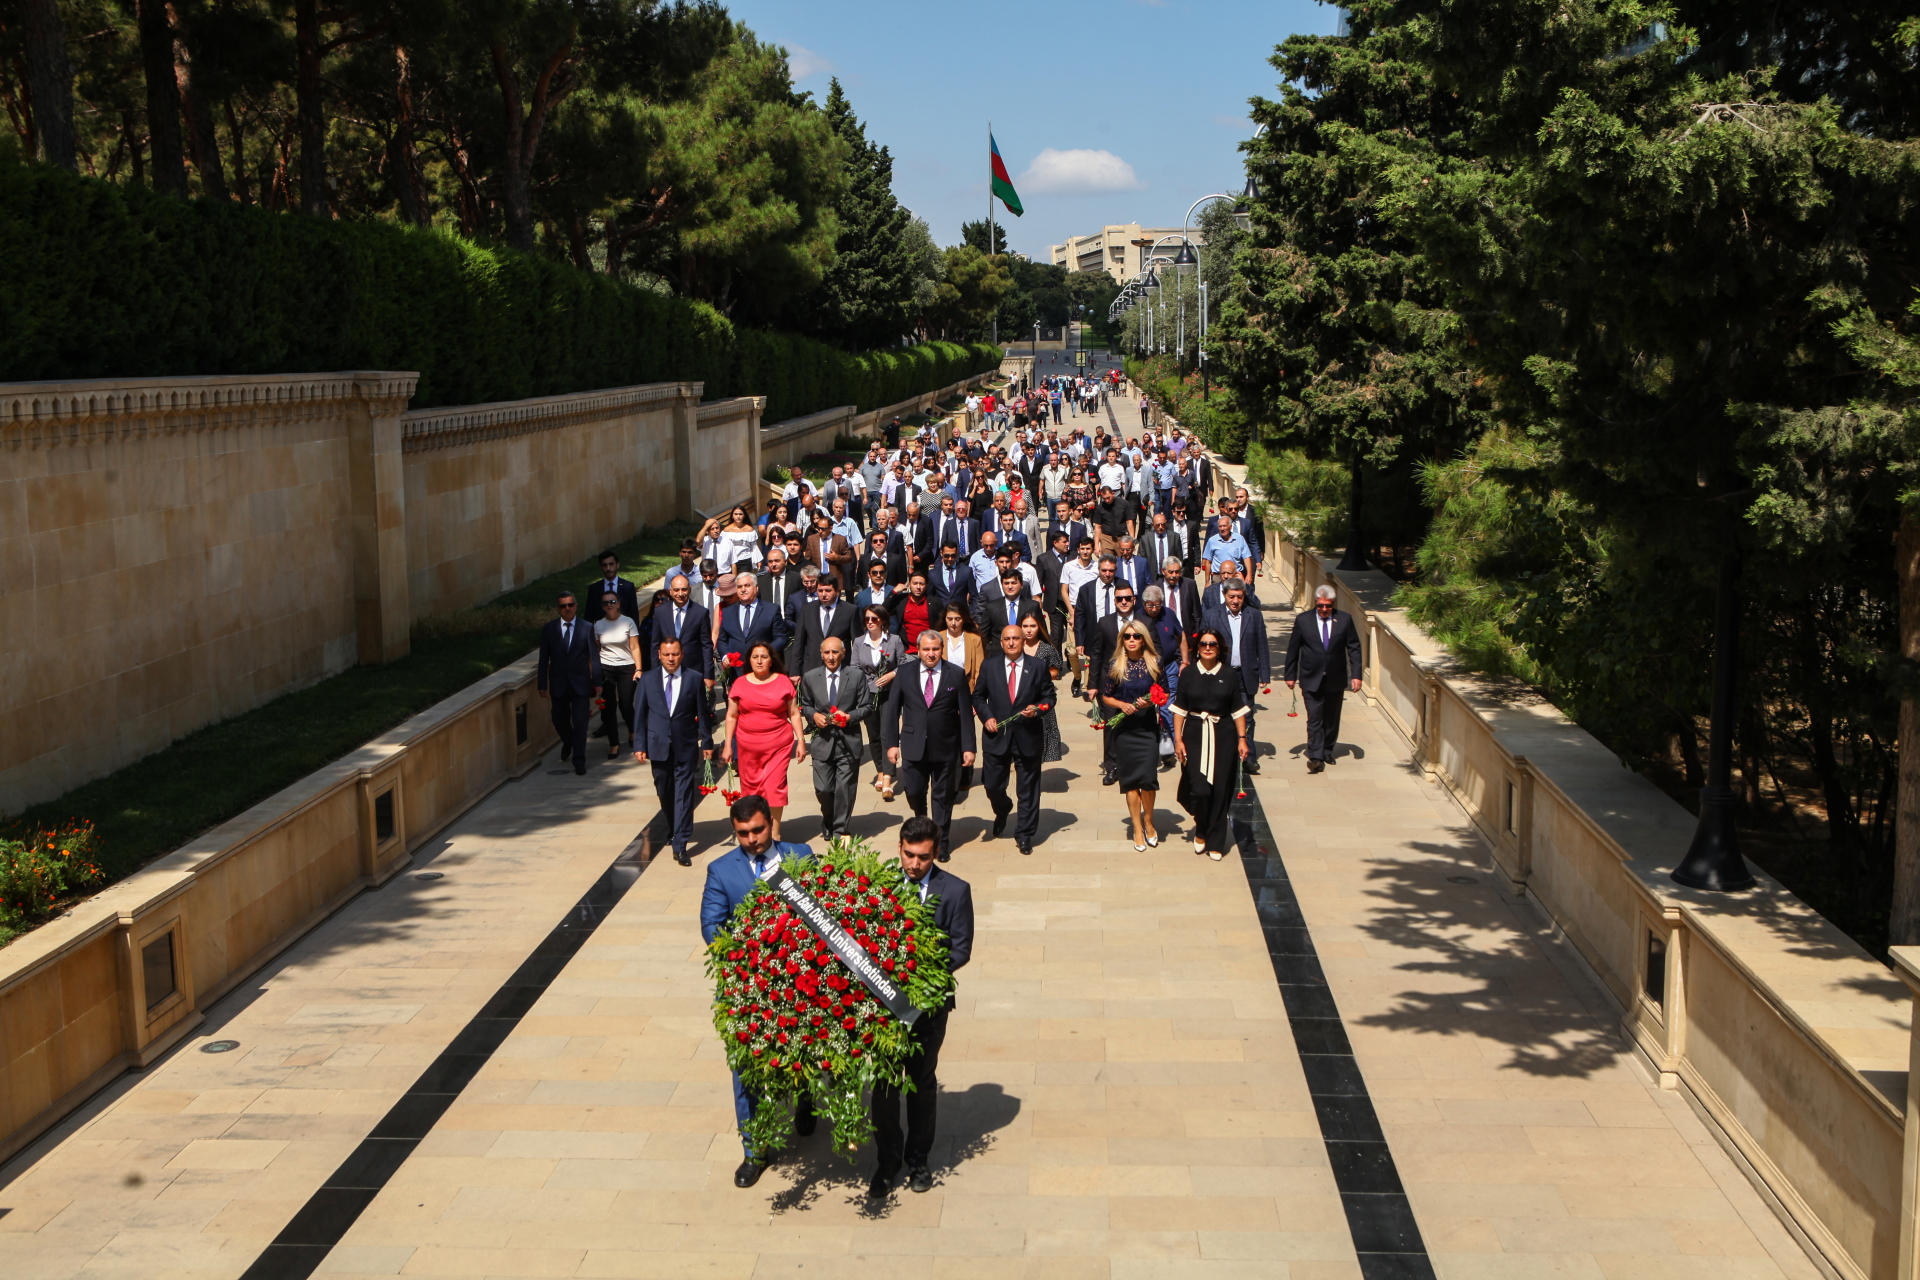 BDU kollektivi ulu öndər Heydər Əliyevin məzarını və Şəhidlər xiyabanını ziyarət edib (FOTO) - Gallery Image